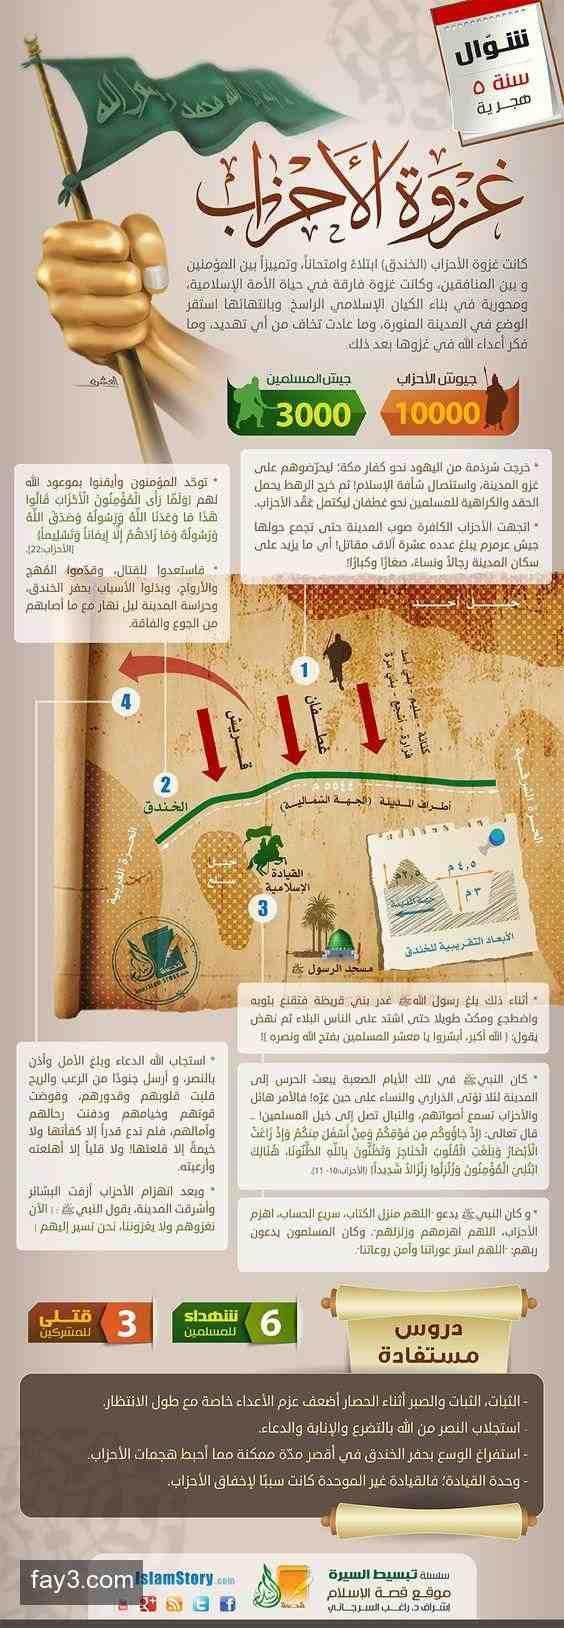 غزوات الرسول صلى الله عليه وسلم غزوة الأحزاب انفوجرافيك انفوجرافيك عربي Islam Facts Learn Islam Islam Beliefs